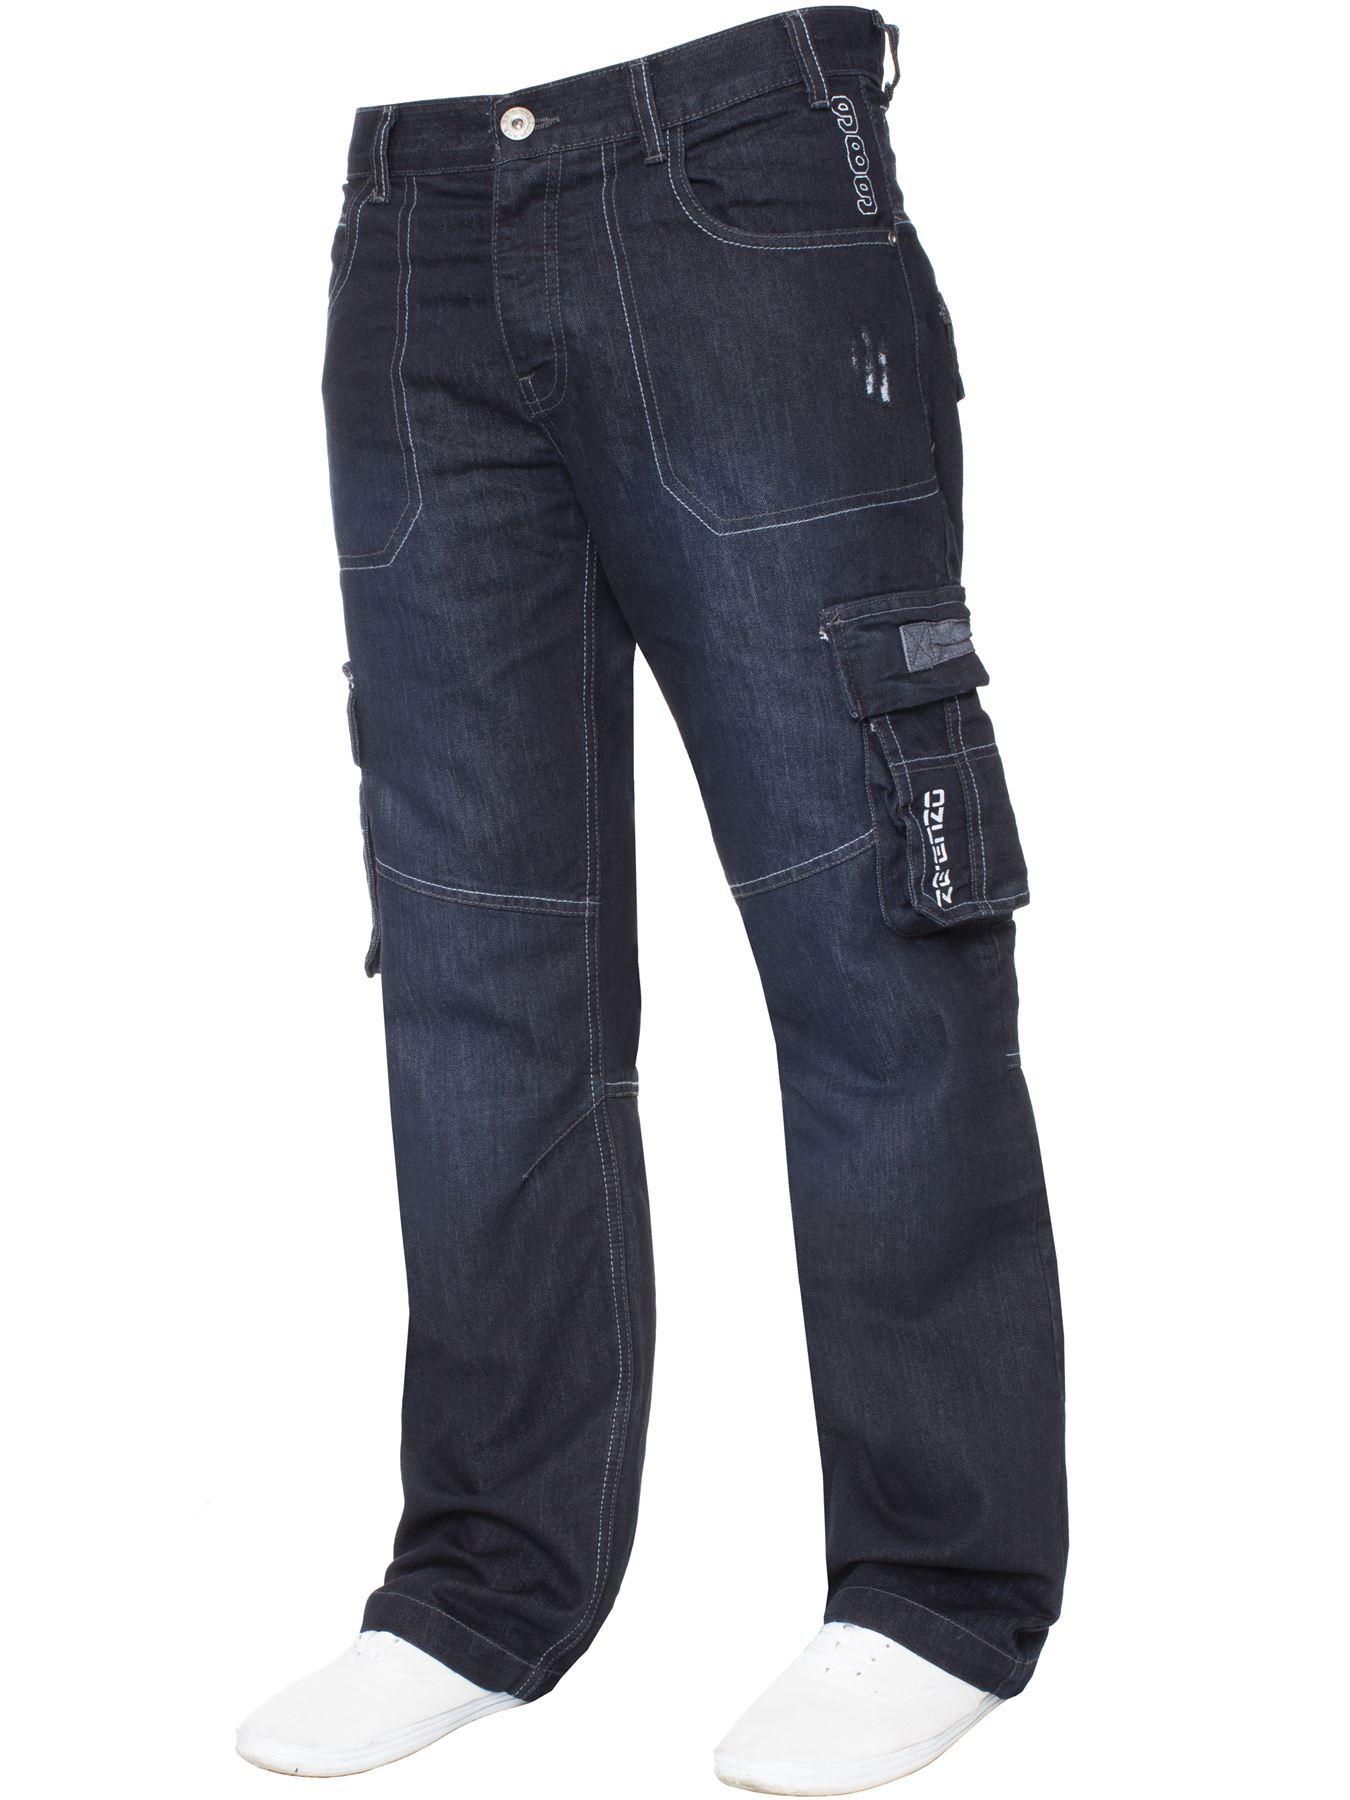 Jeans-Para-Hombre-de-carga-de-combate-pesado-Pantalones-de-trabajo-pantalones-de-mezclilla-Big-King miniatura 21